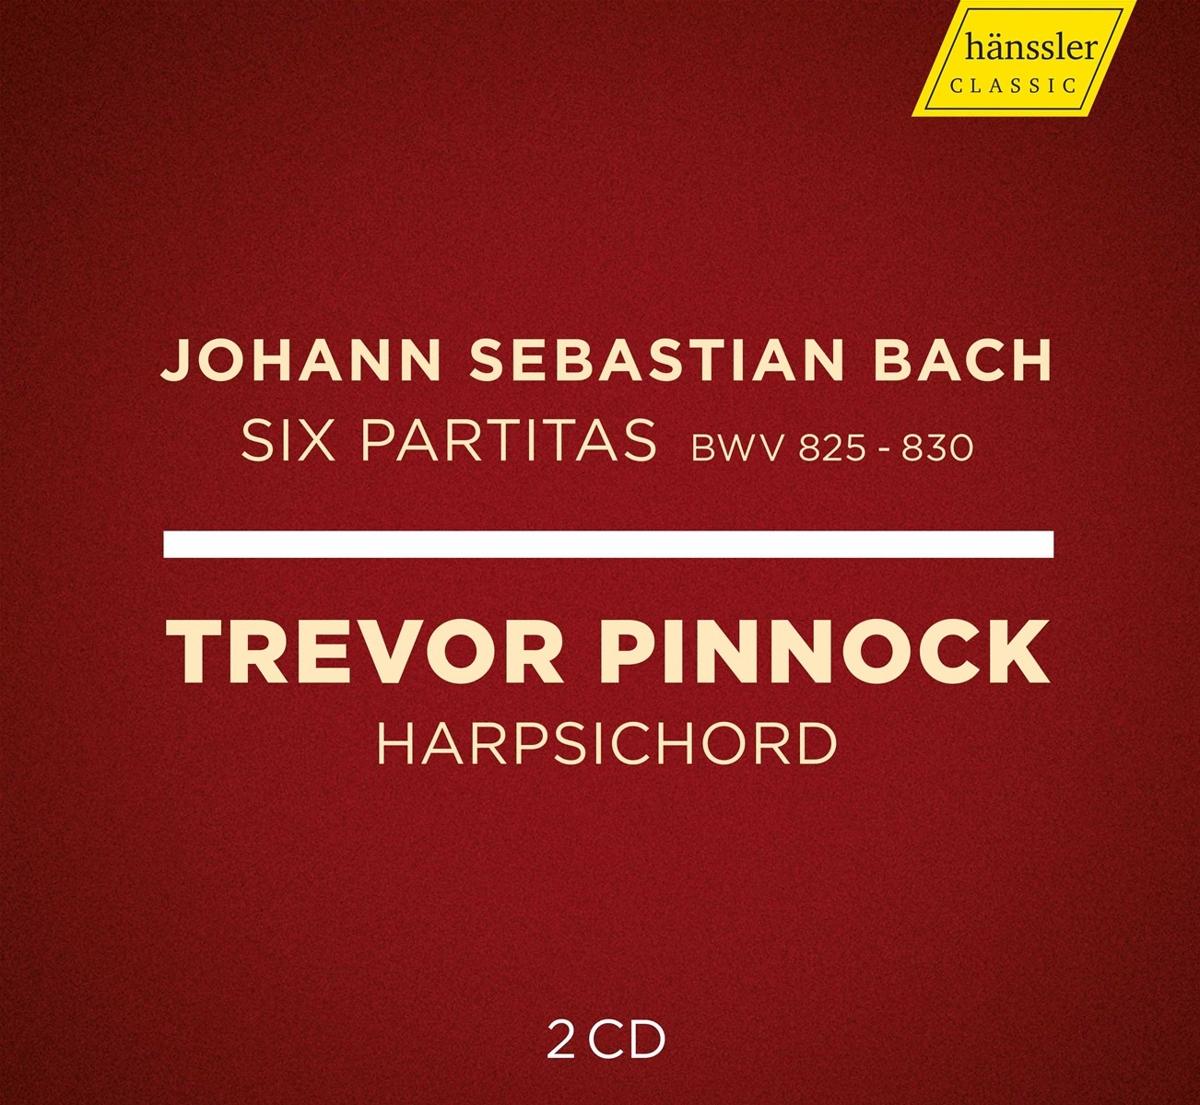 Pinnock - Six Partitas BWV 825-830 - Clavier Übung